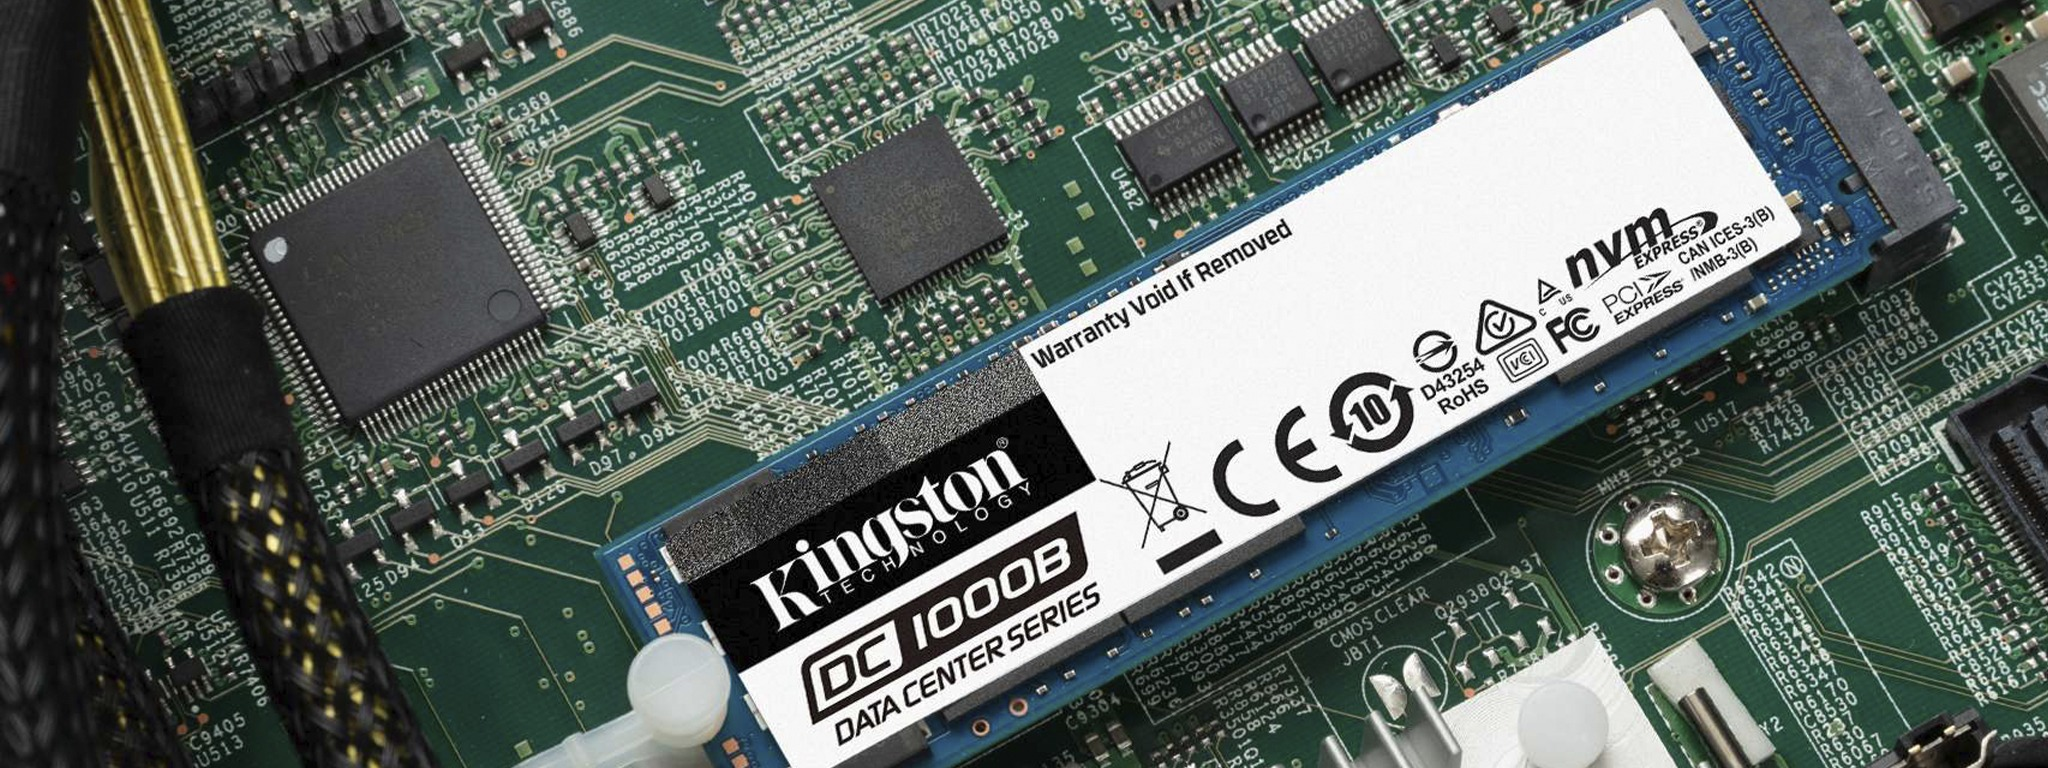 主機板上安裝 Kingston  DC1000B NVMe SSD 固態硬碟